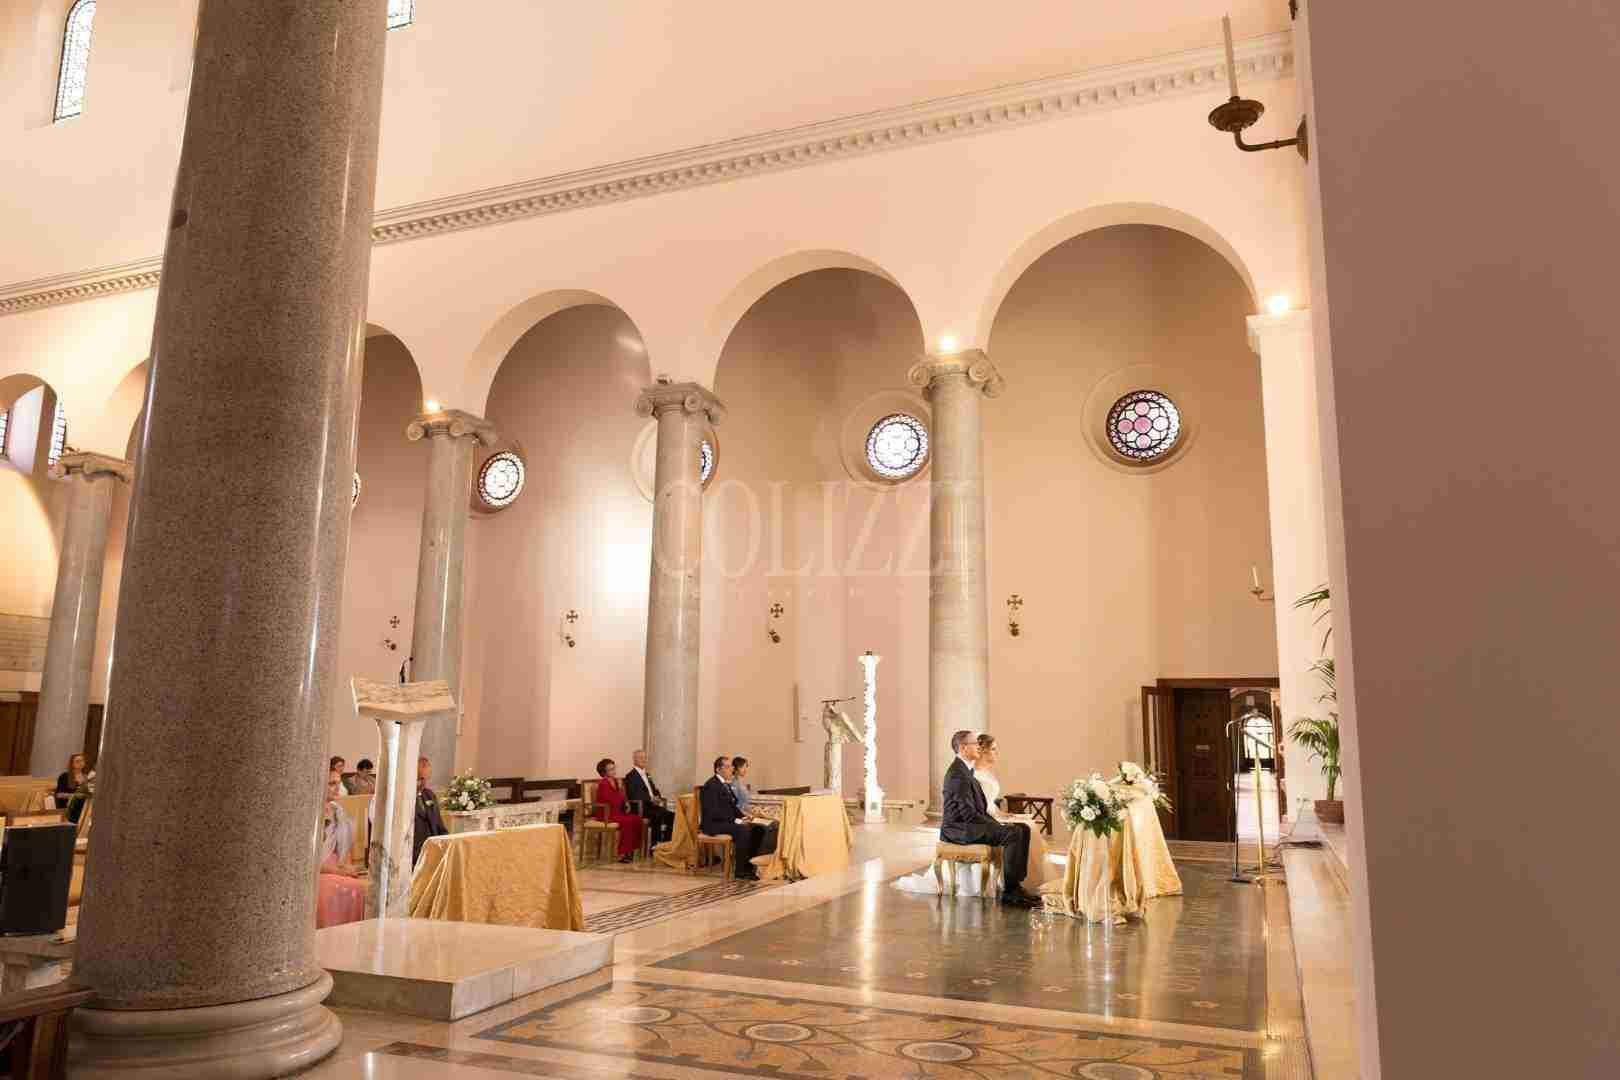 Sant Anselmo Roma - Studio Fotografico Colizzi Roma